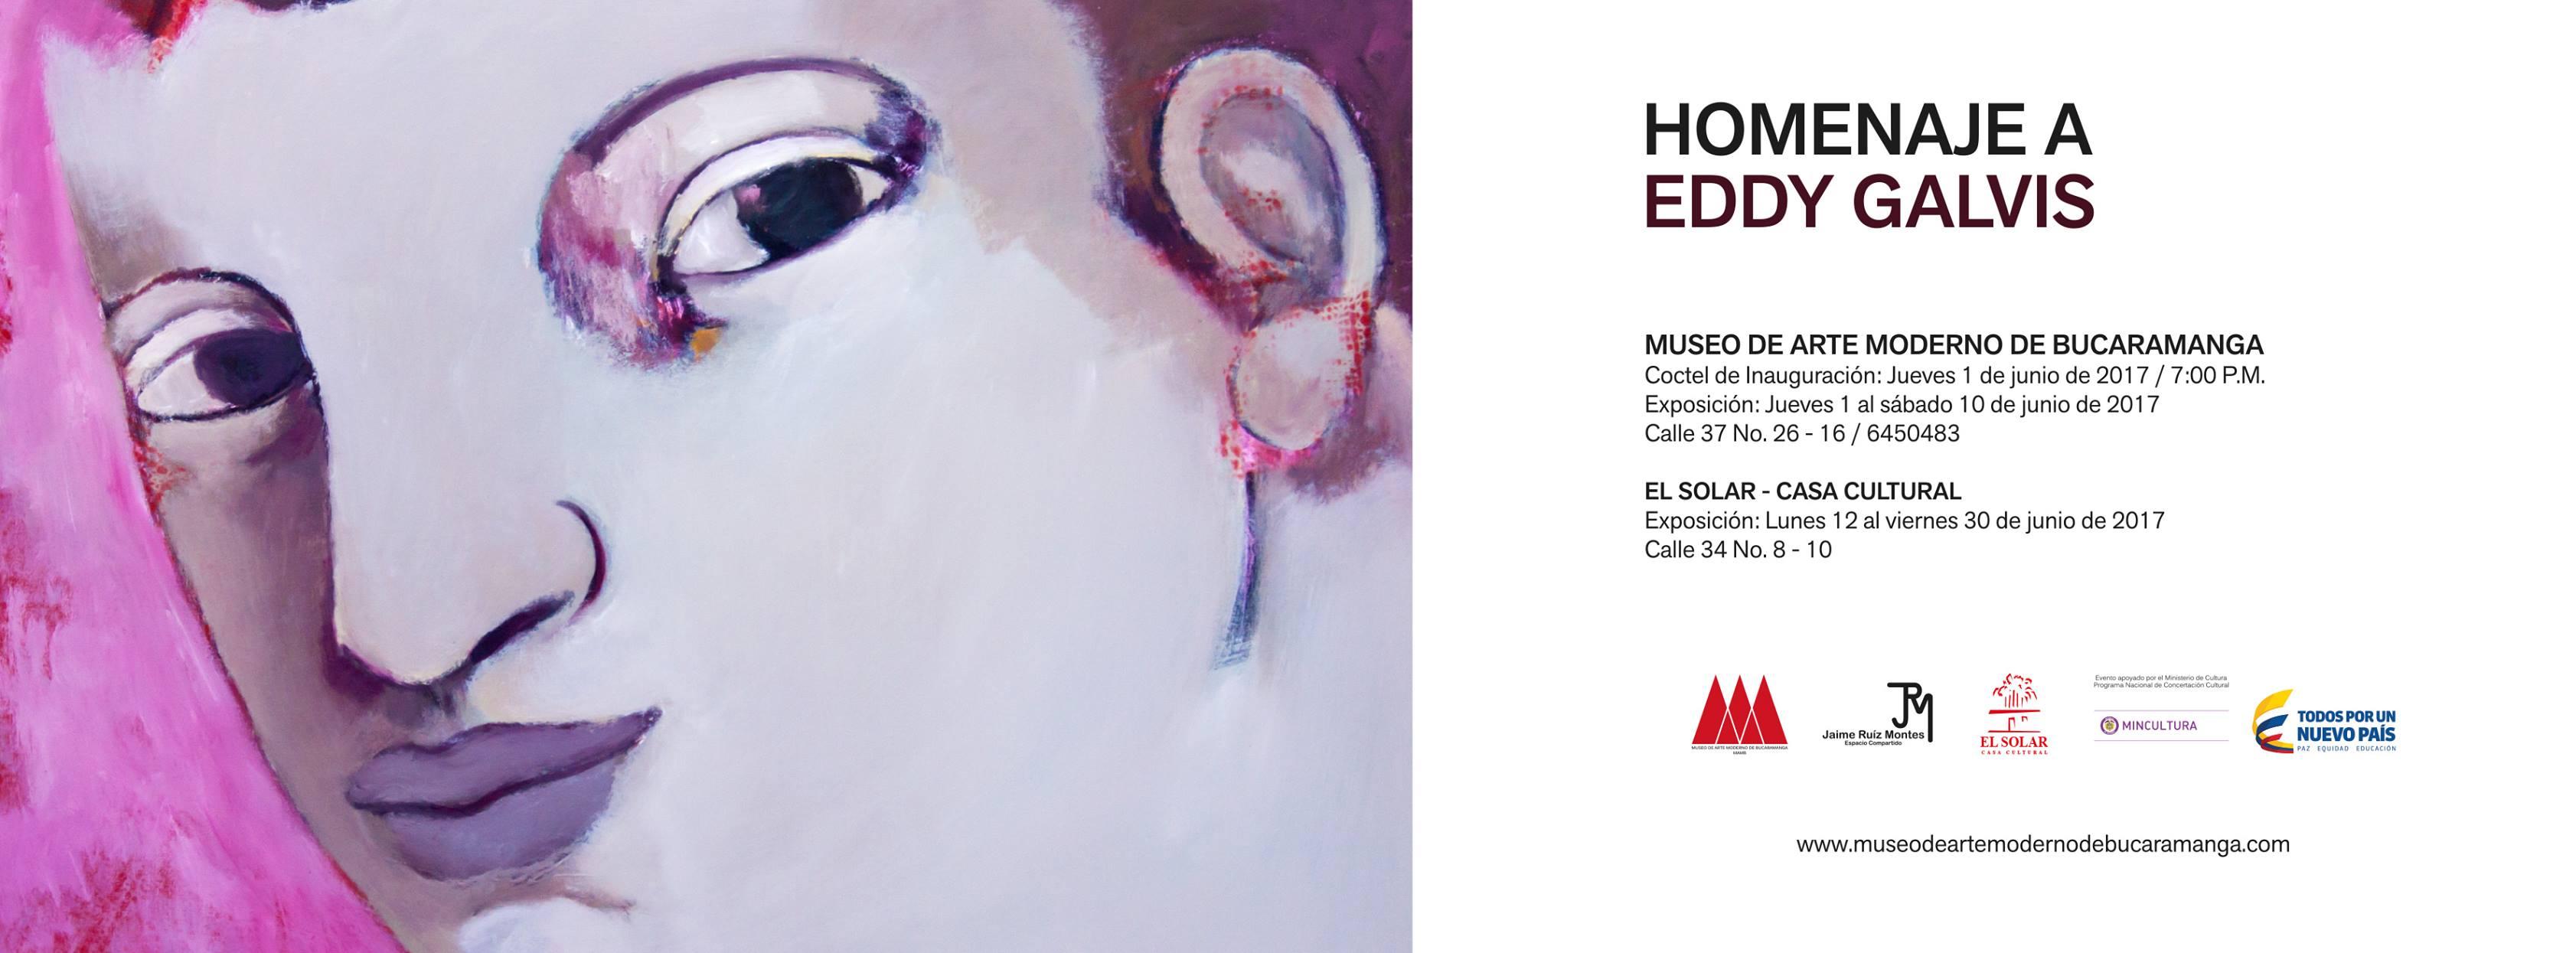 Homenaje a Eddy Galvis en el Museo de Arte Moderno de Bucaramanga y El Solar - Casa Cultural